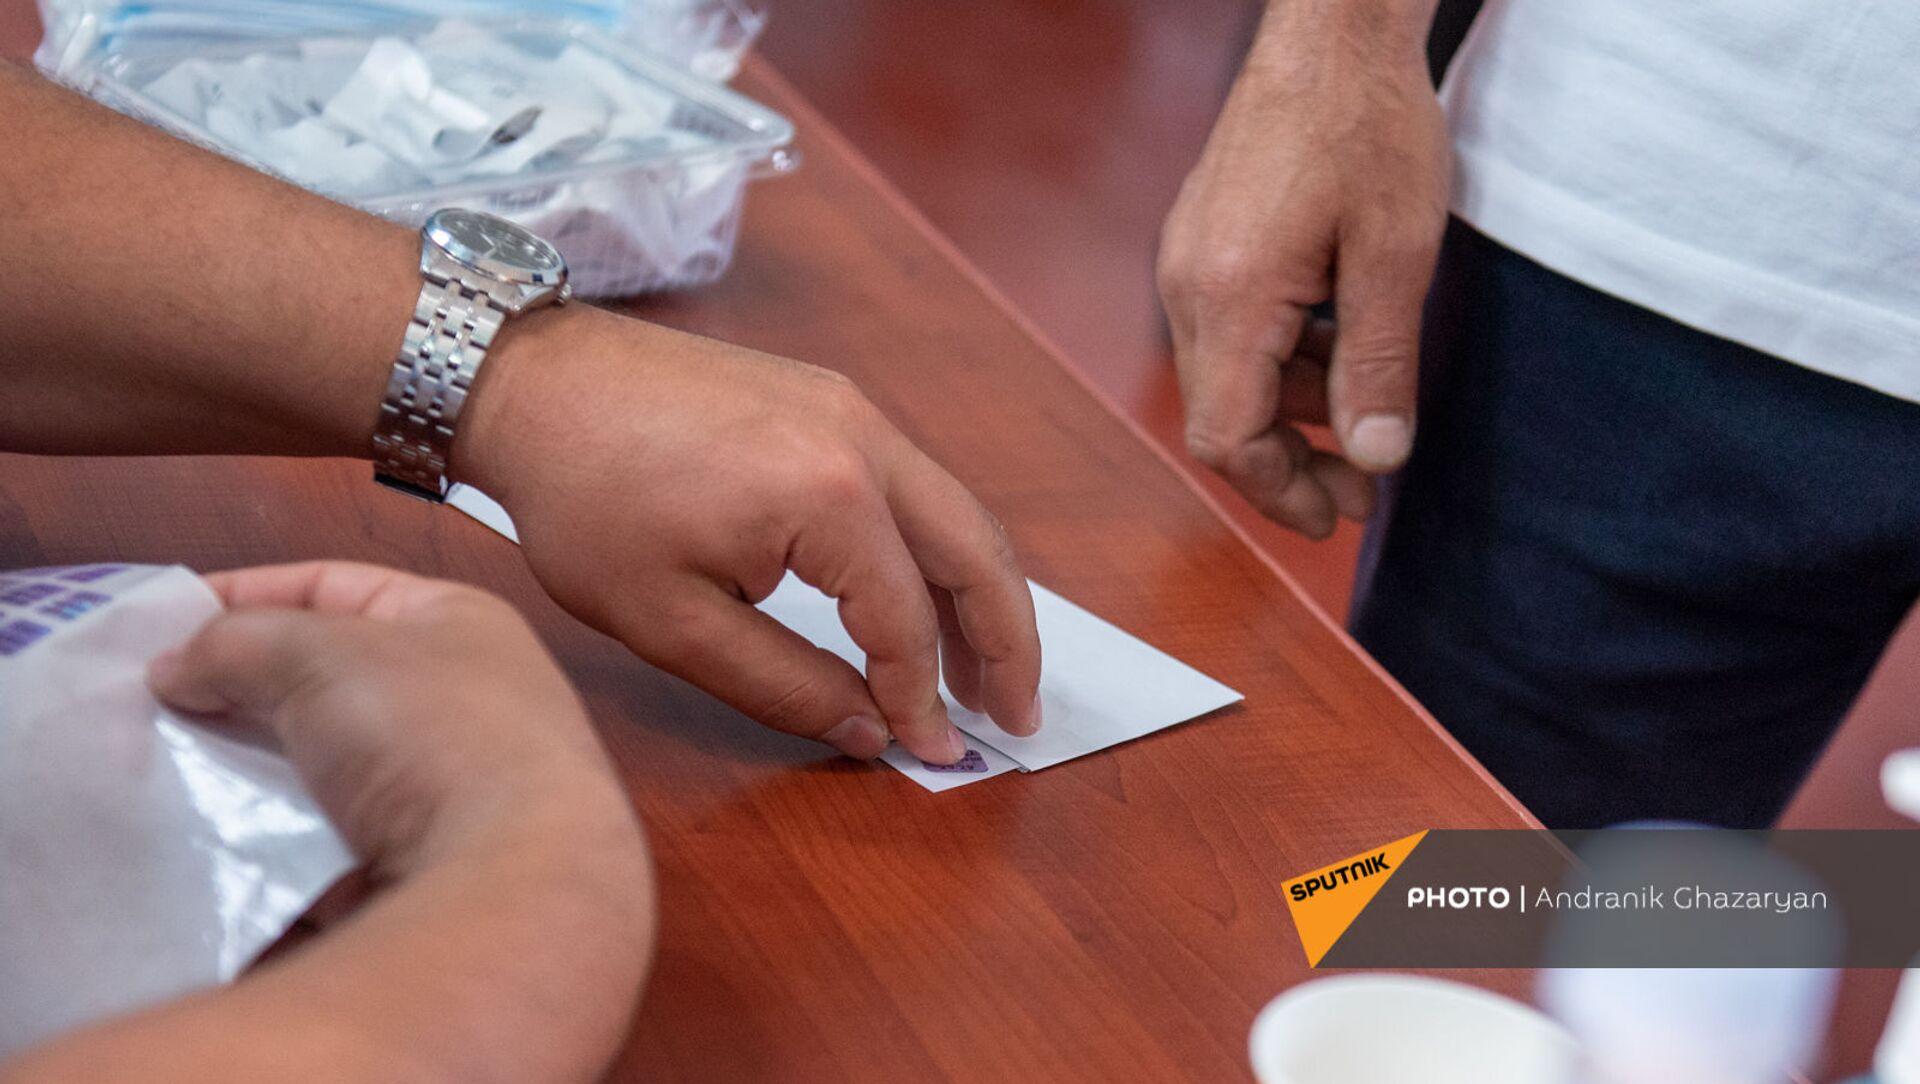 Сотрудник избирательной комиссии приклеивает наклейку на конверт с бюллетенем в избирательном участке 29/29 (20 июня 2021). Ариндж - Sputnik Արմենիա, 1920, 23.07.2021